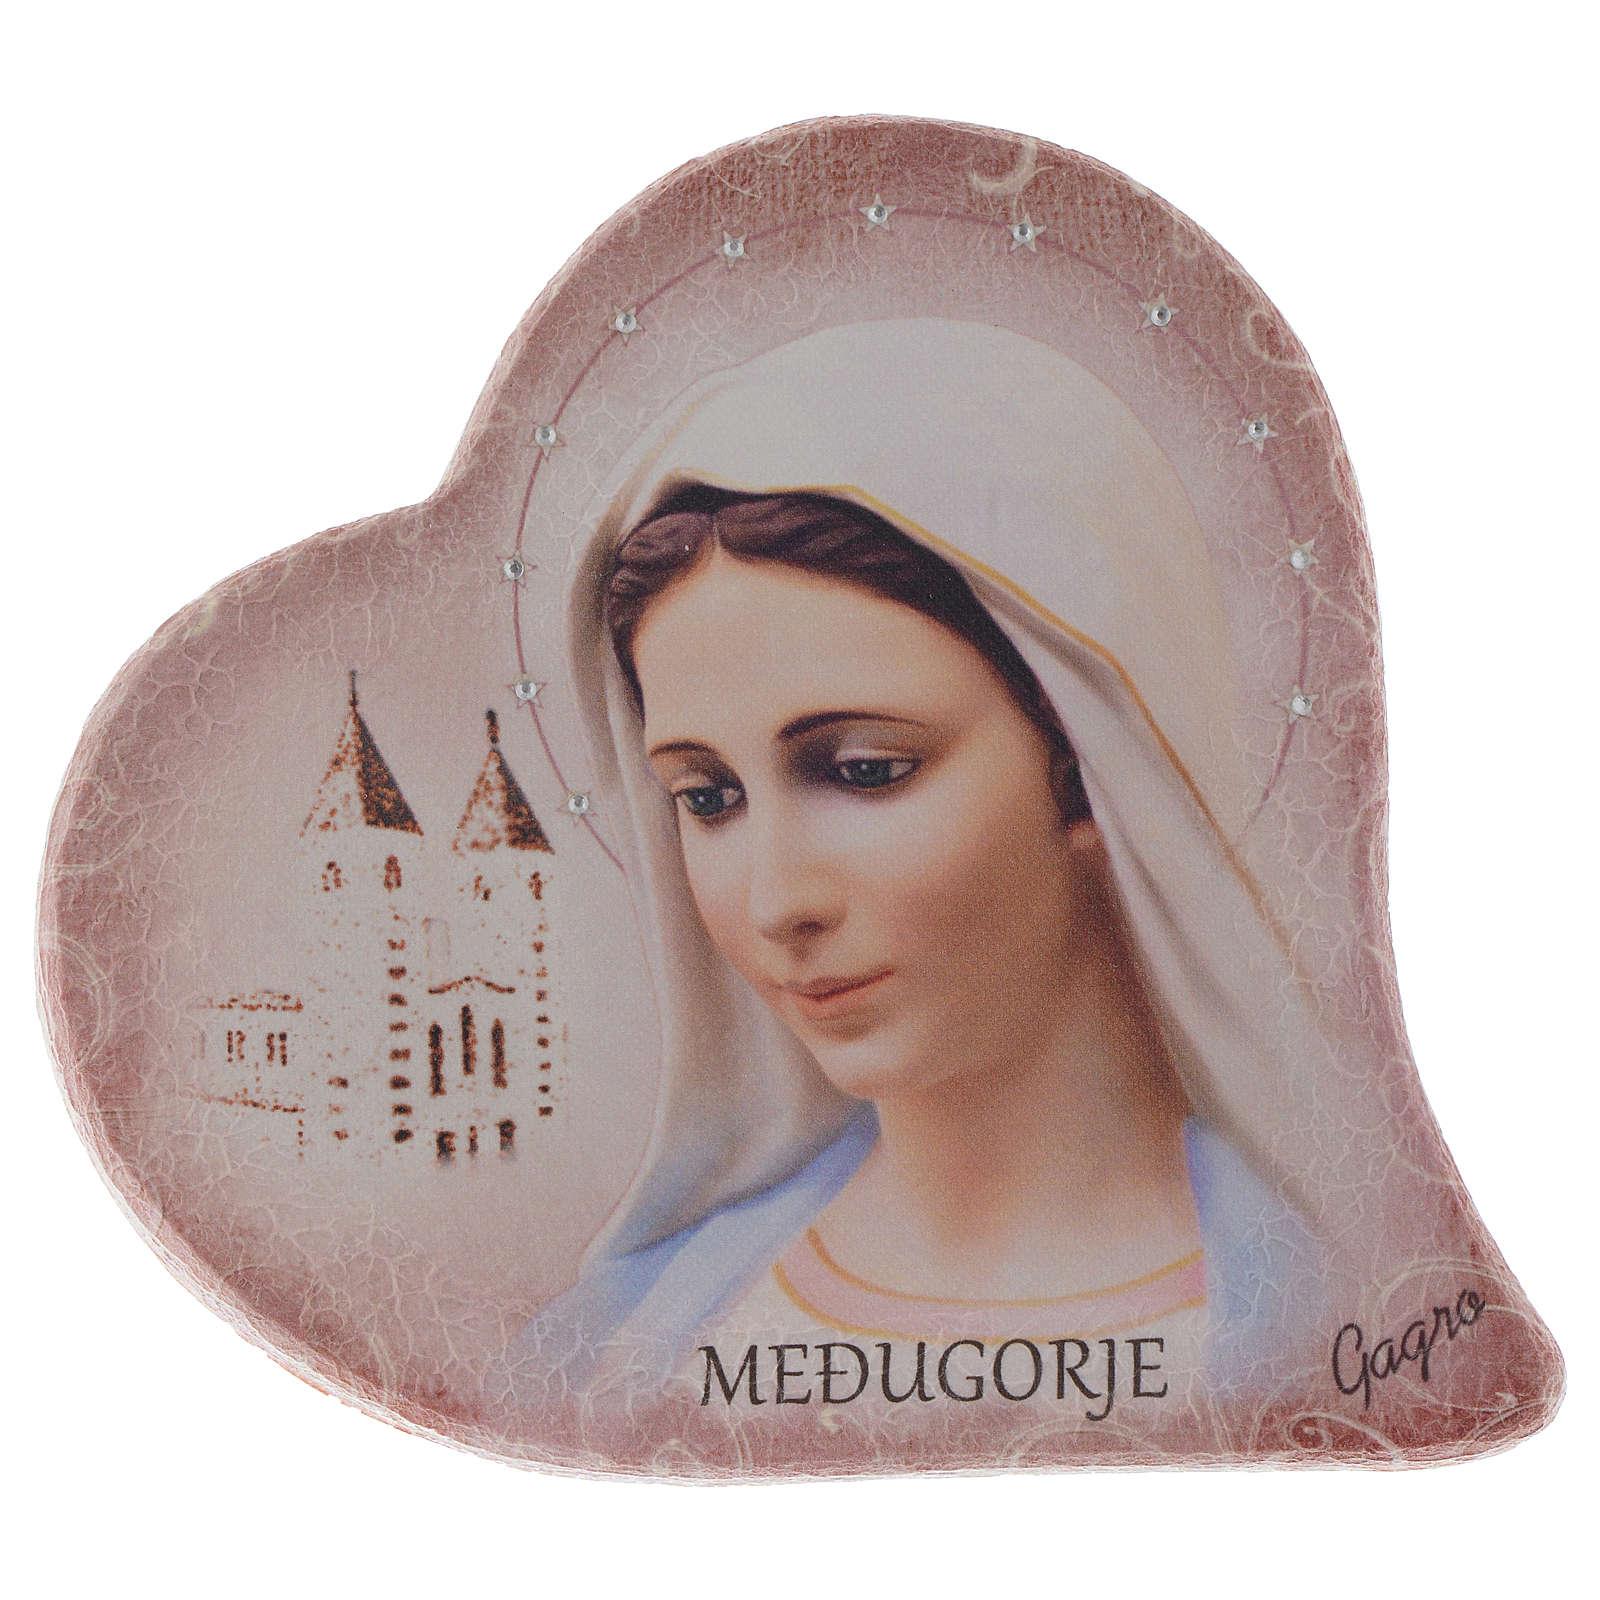 Immagine cuore sasso Madonna Medjugorje e chiesa h 15 cm 4